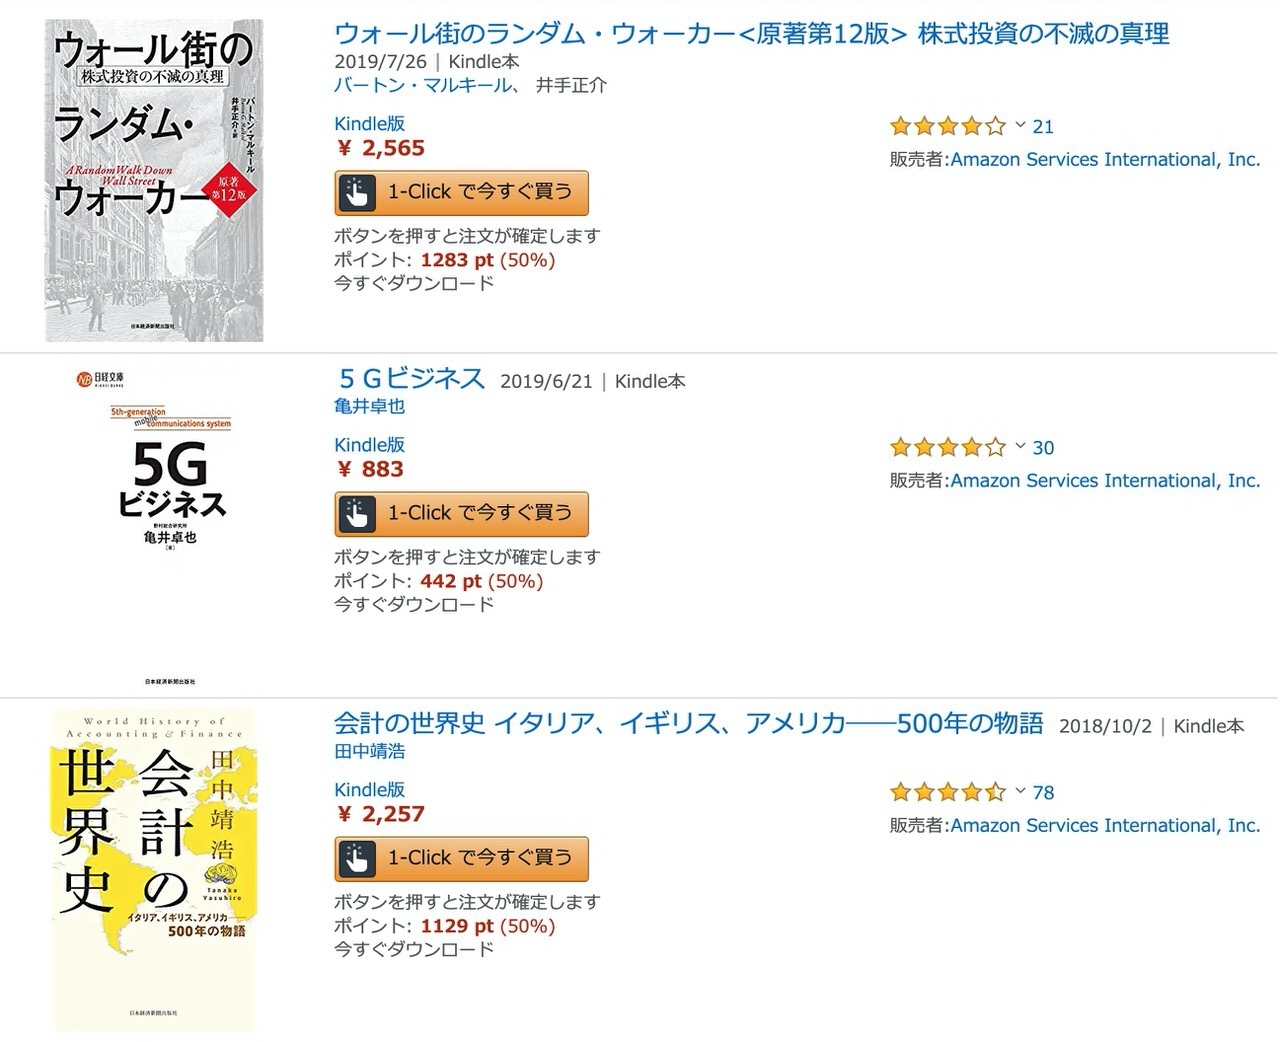 【Kindleセール】50%ポイント還元「日本経済新聞出版社 秋の大型施策 1000点以上ポイントバック」(10/17まで)